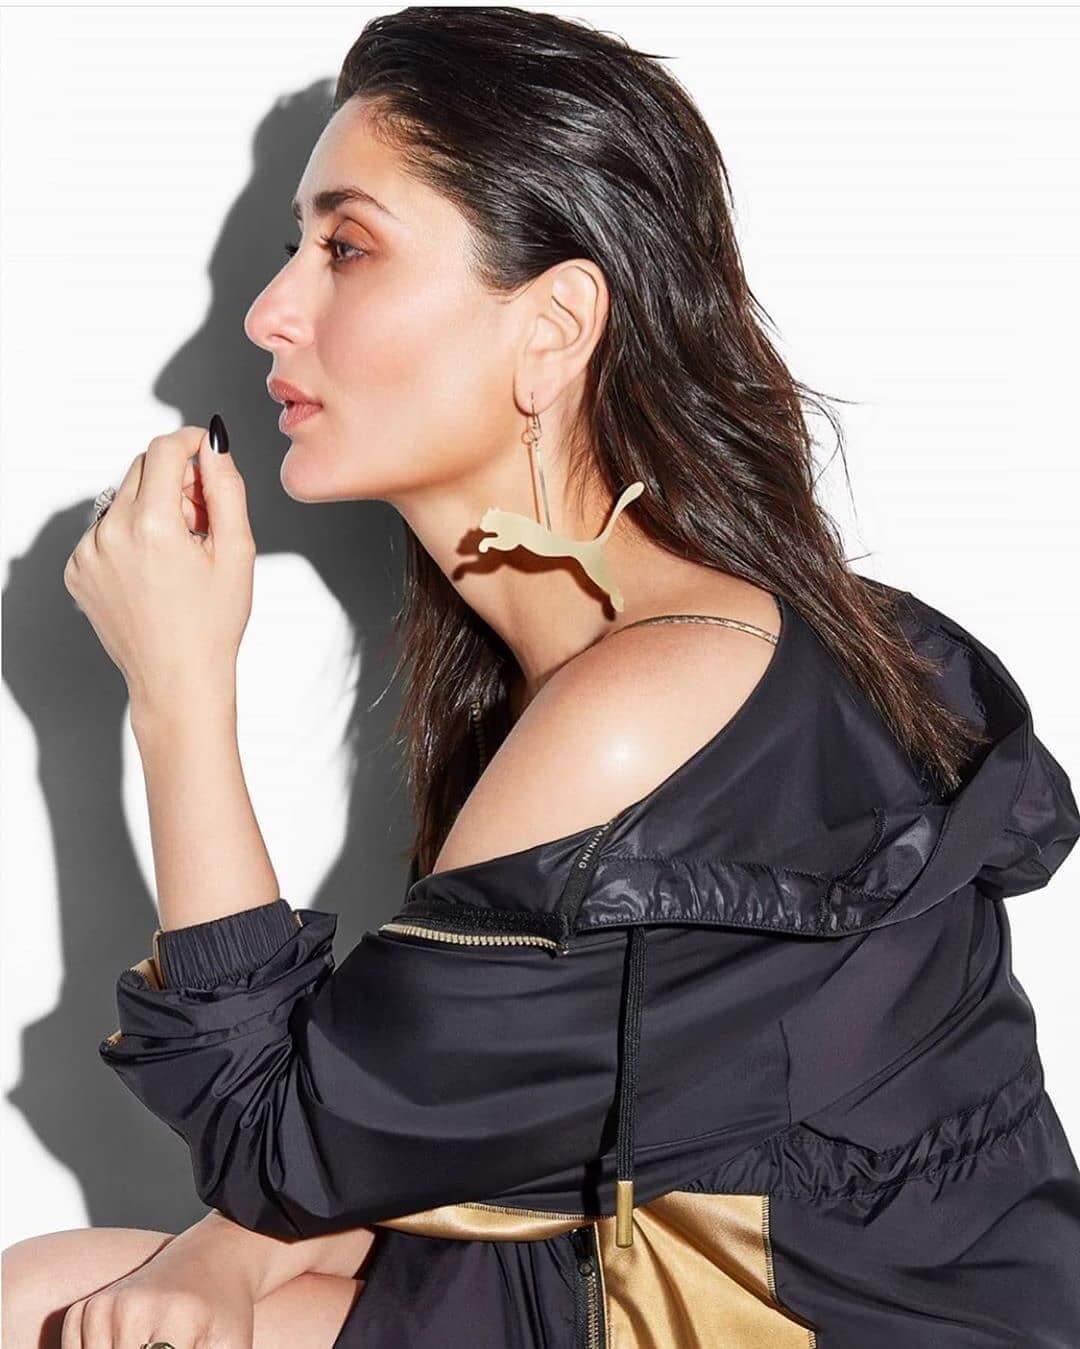 Bebo AKA Kareena Kapoor Khan Makes Her Instagram Debut In A Sporty Look